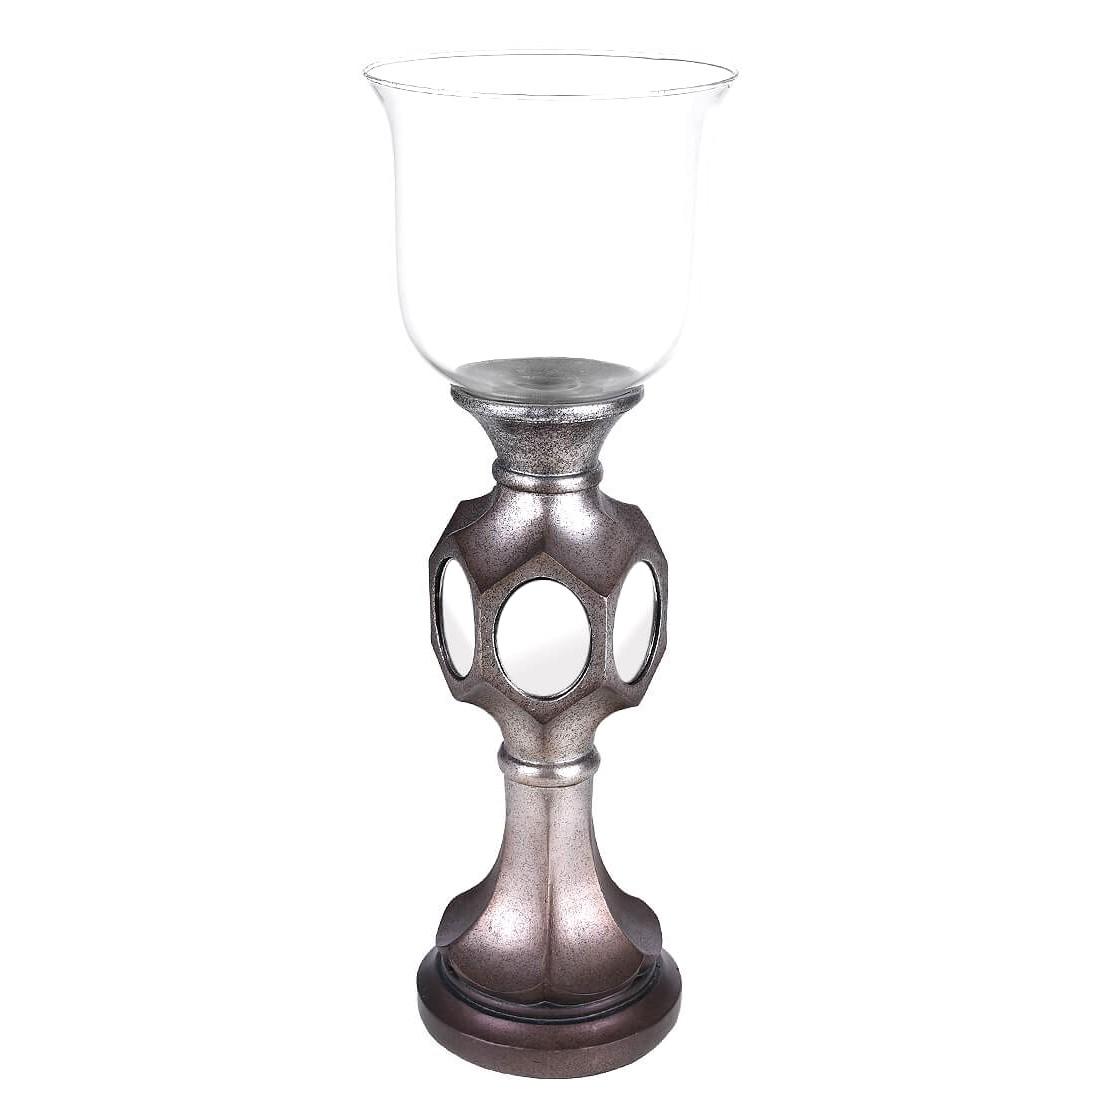 Castical Decorativo Resina Espelho e Vidro 43cm Chumbo